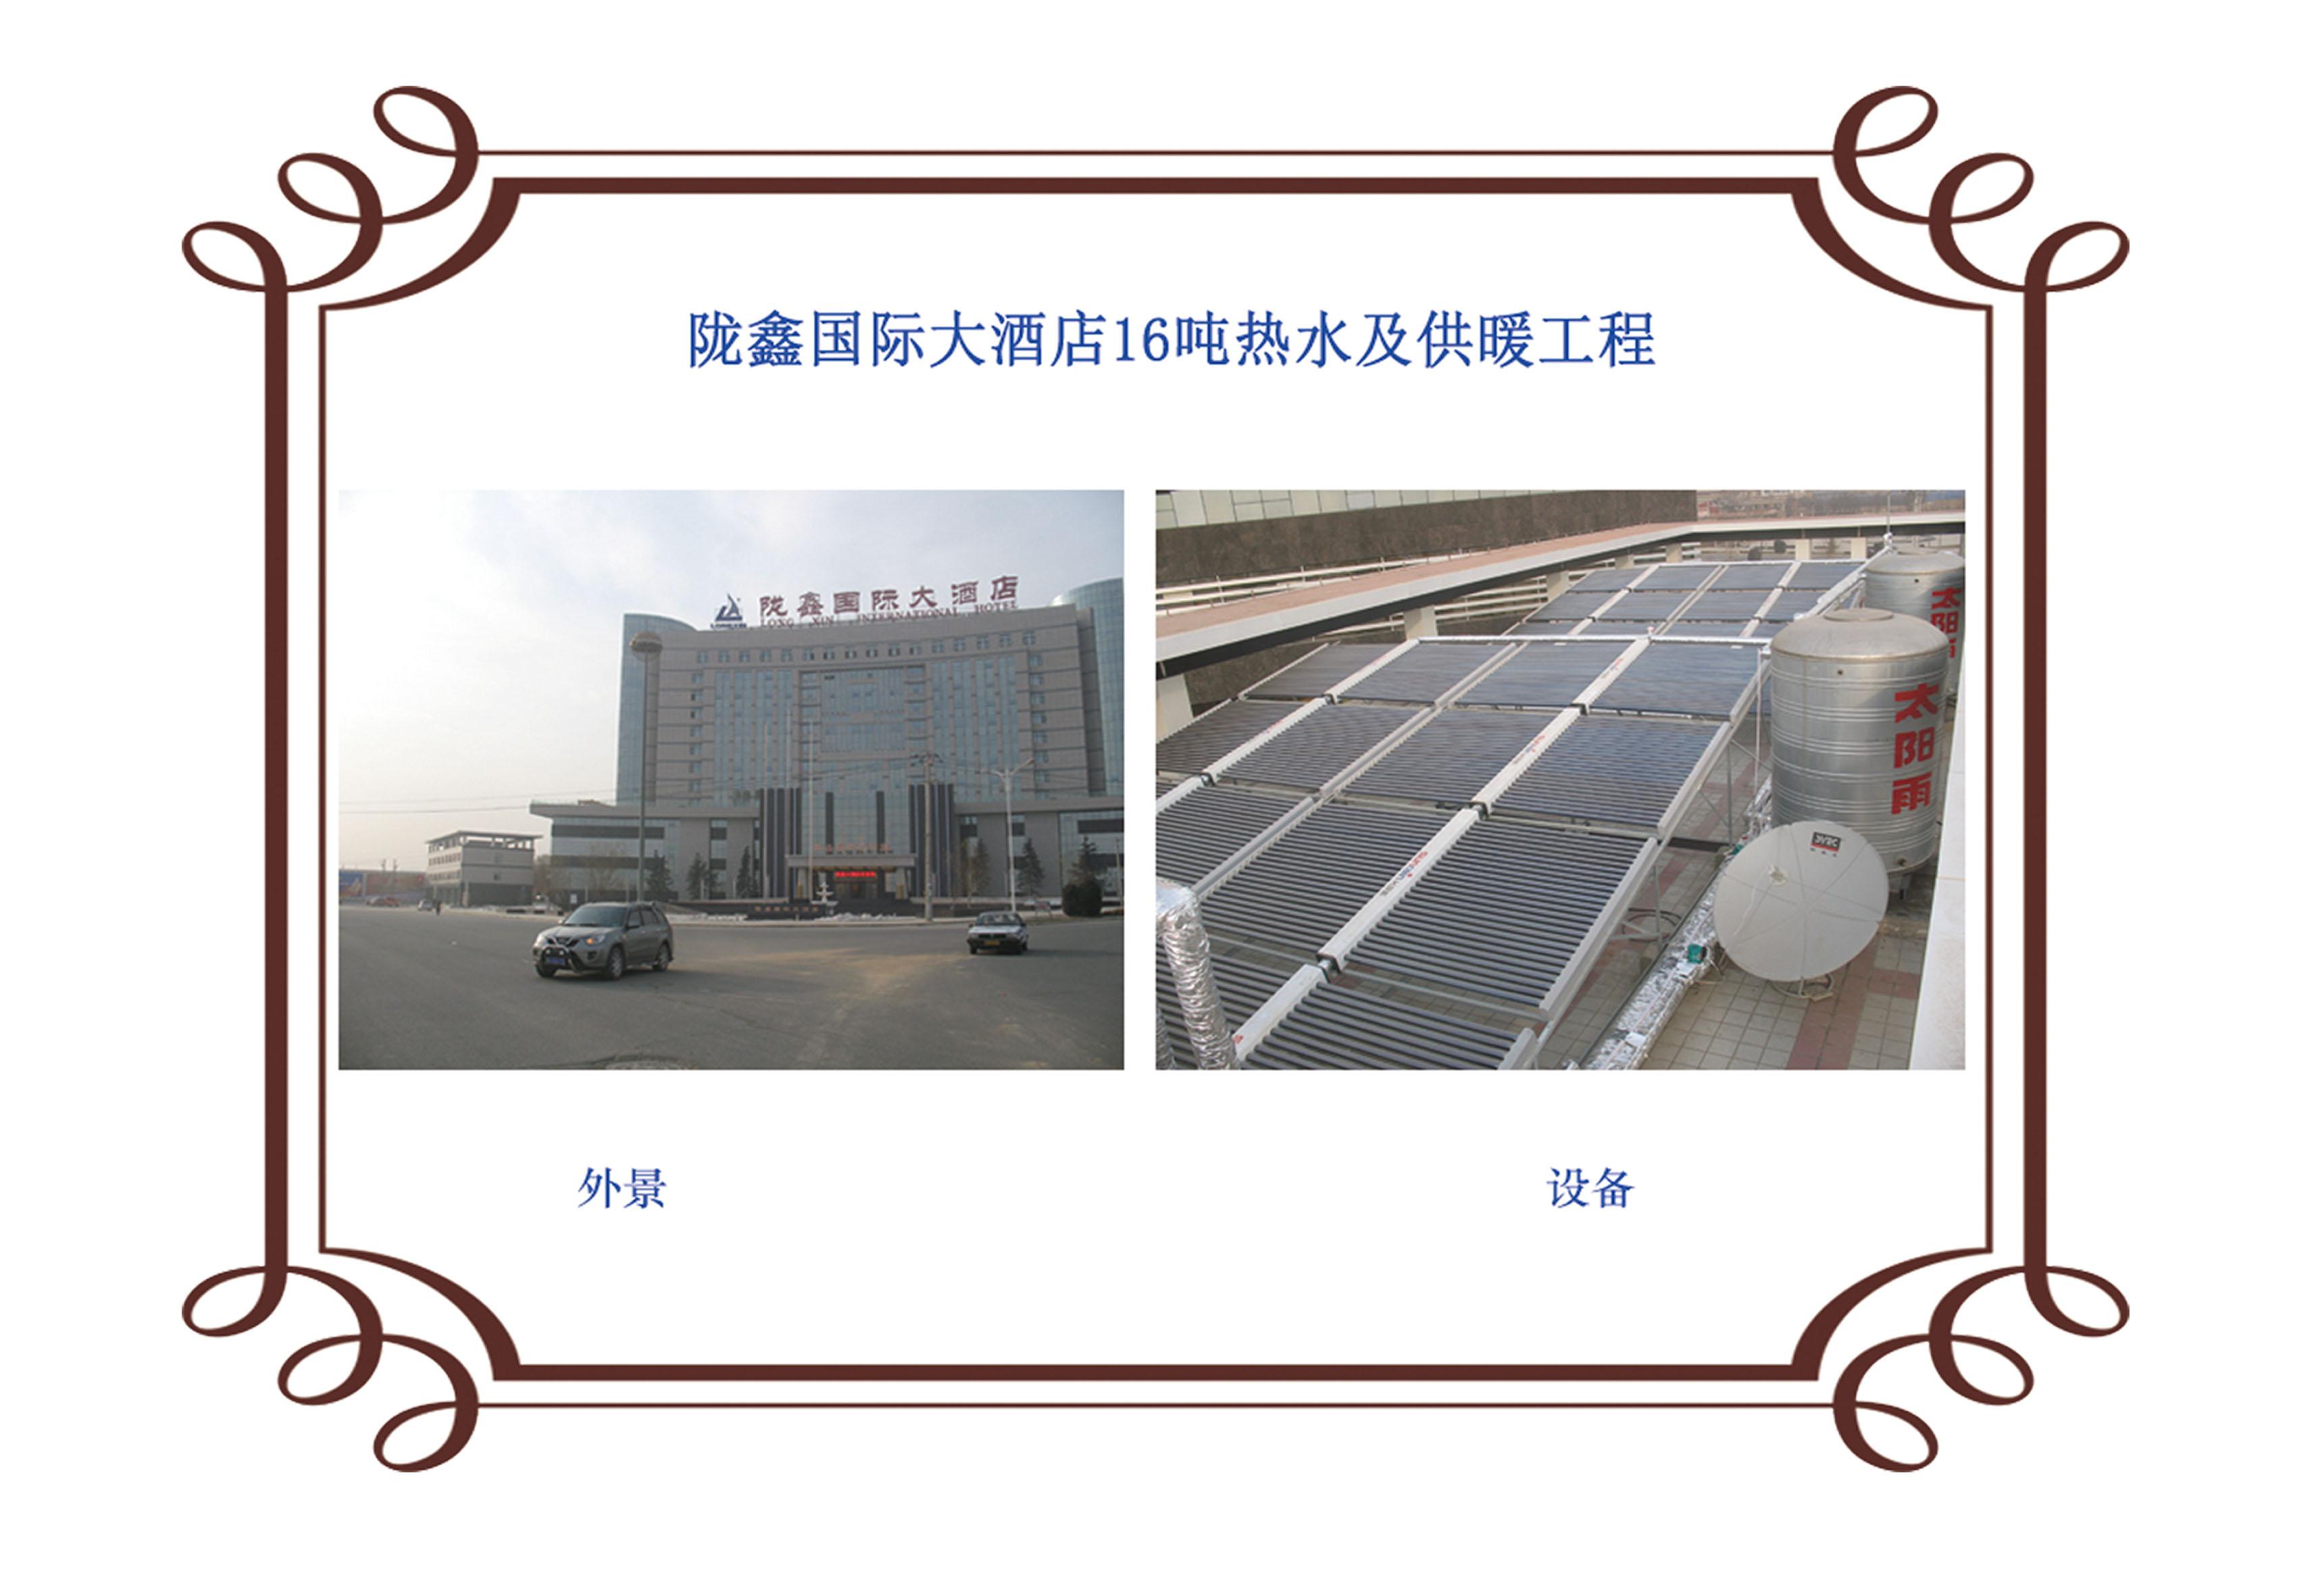 意昂太阳能热水工程